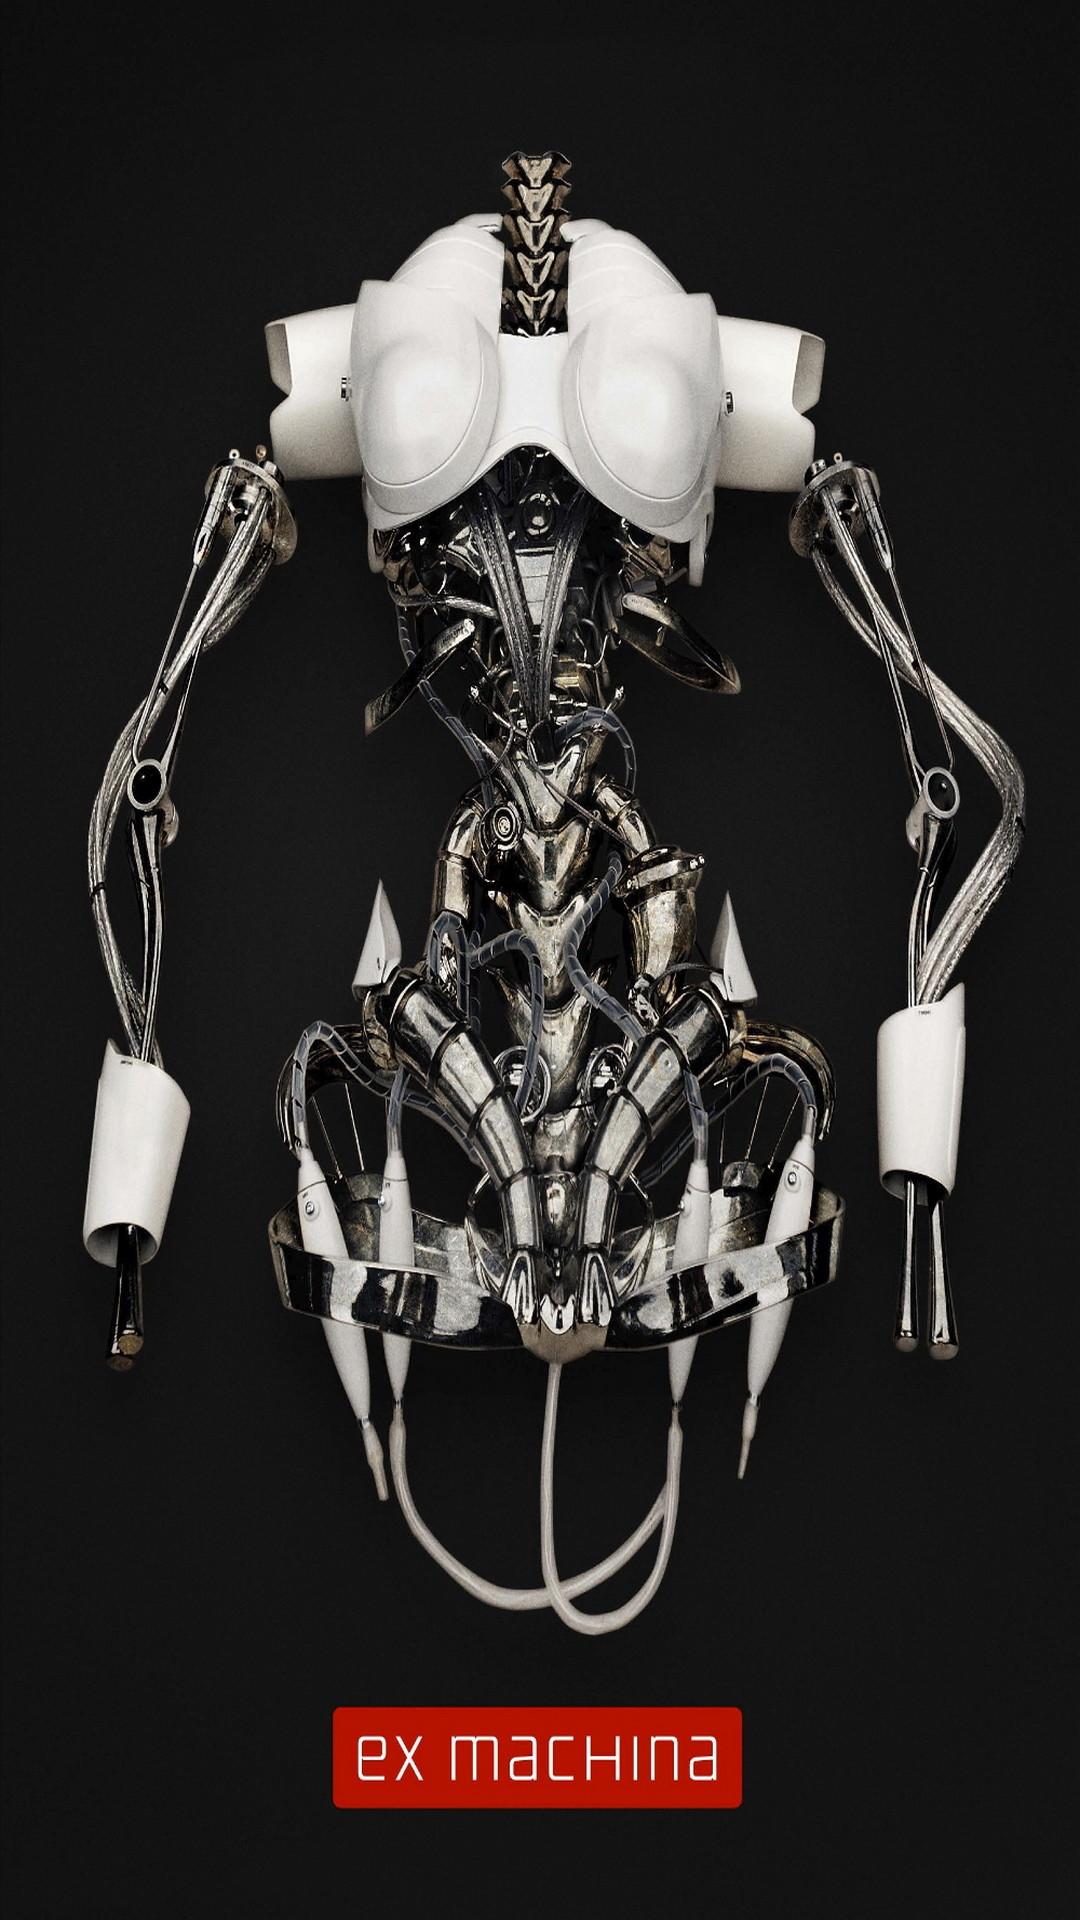 Ex Machina Movie Poster Robot Skeleton iPhone 6 Plus HD Wallpaper – https://